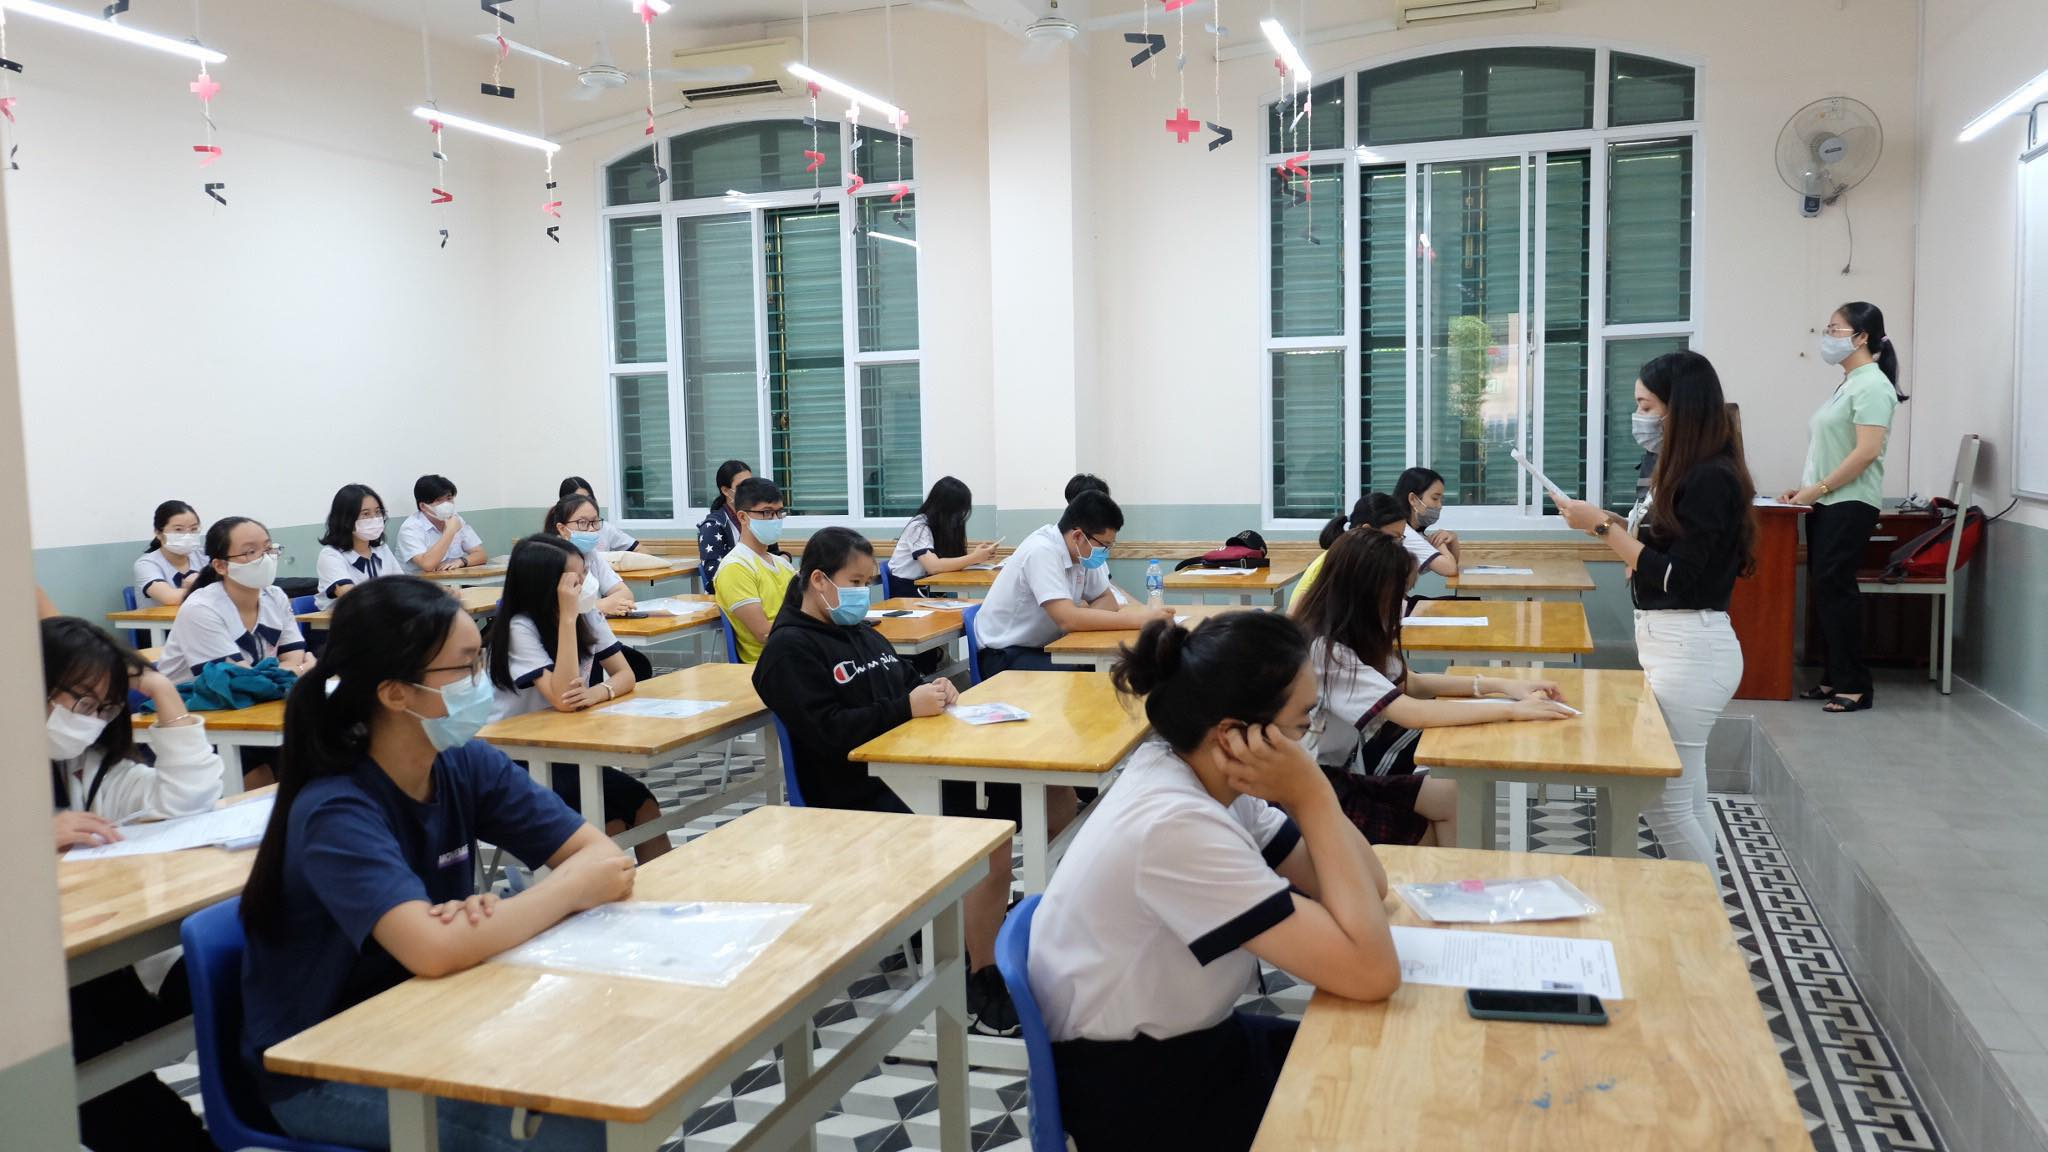 TP Hồ Chí Minh Các điểm thi đảm bảo an toàn cho thí sinh